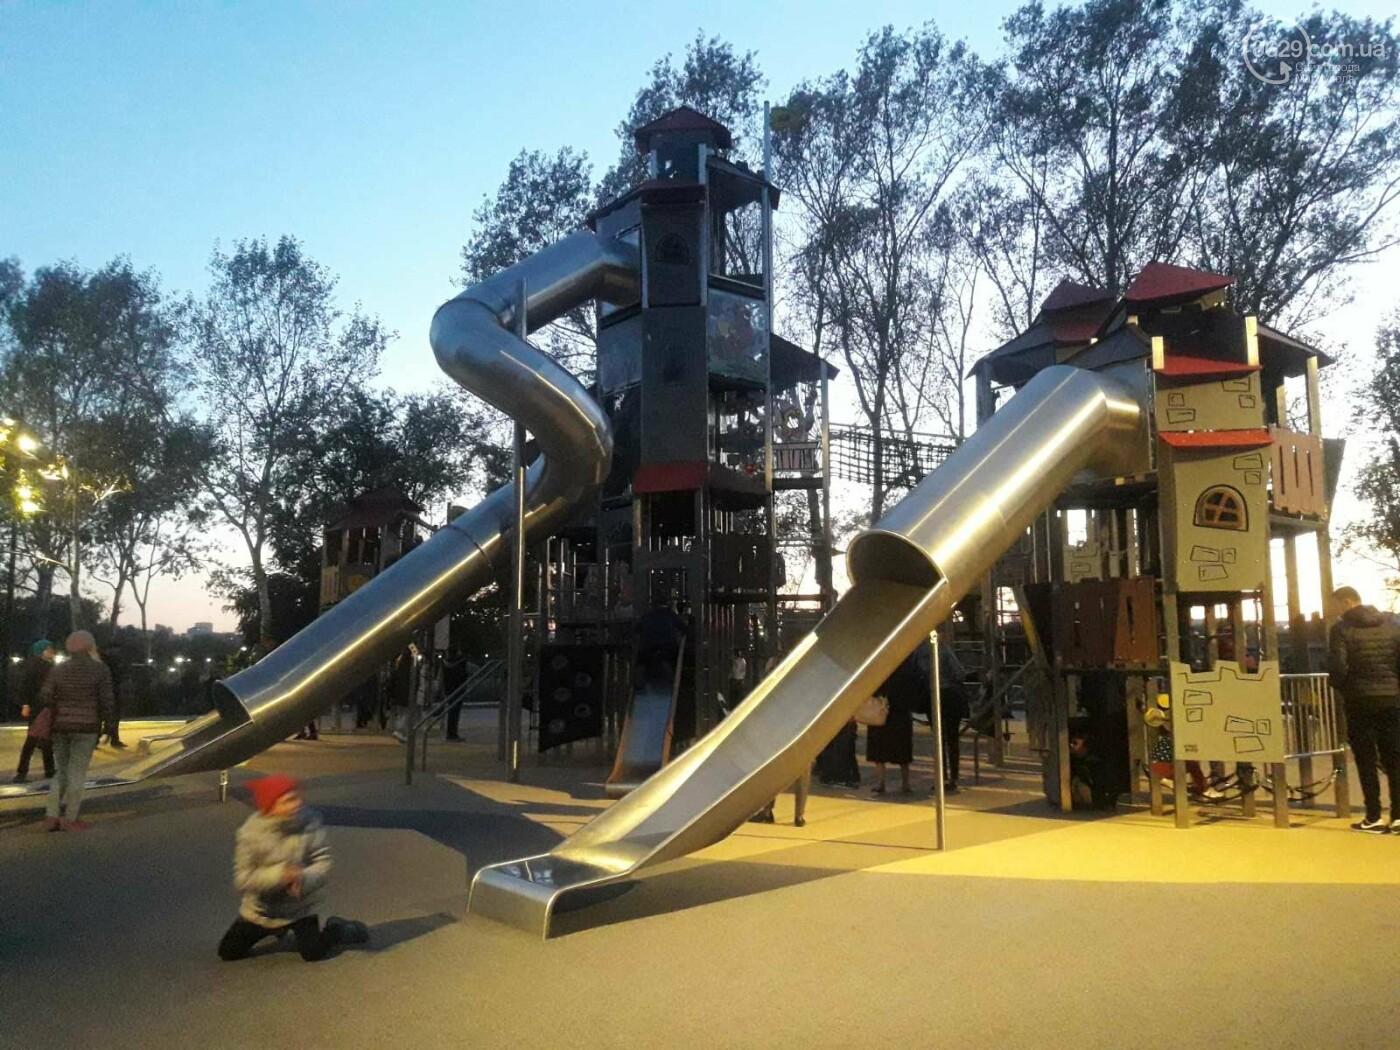 В Мариуполе в парке Гурова на детской площадке травмировался ребенок, - ФОТО, фото-7